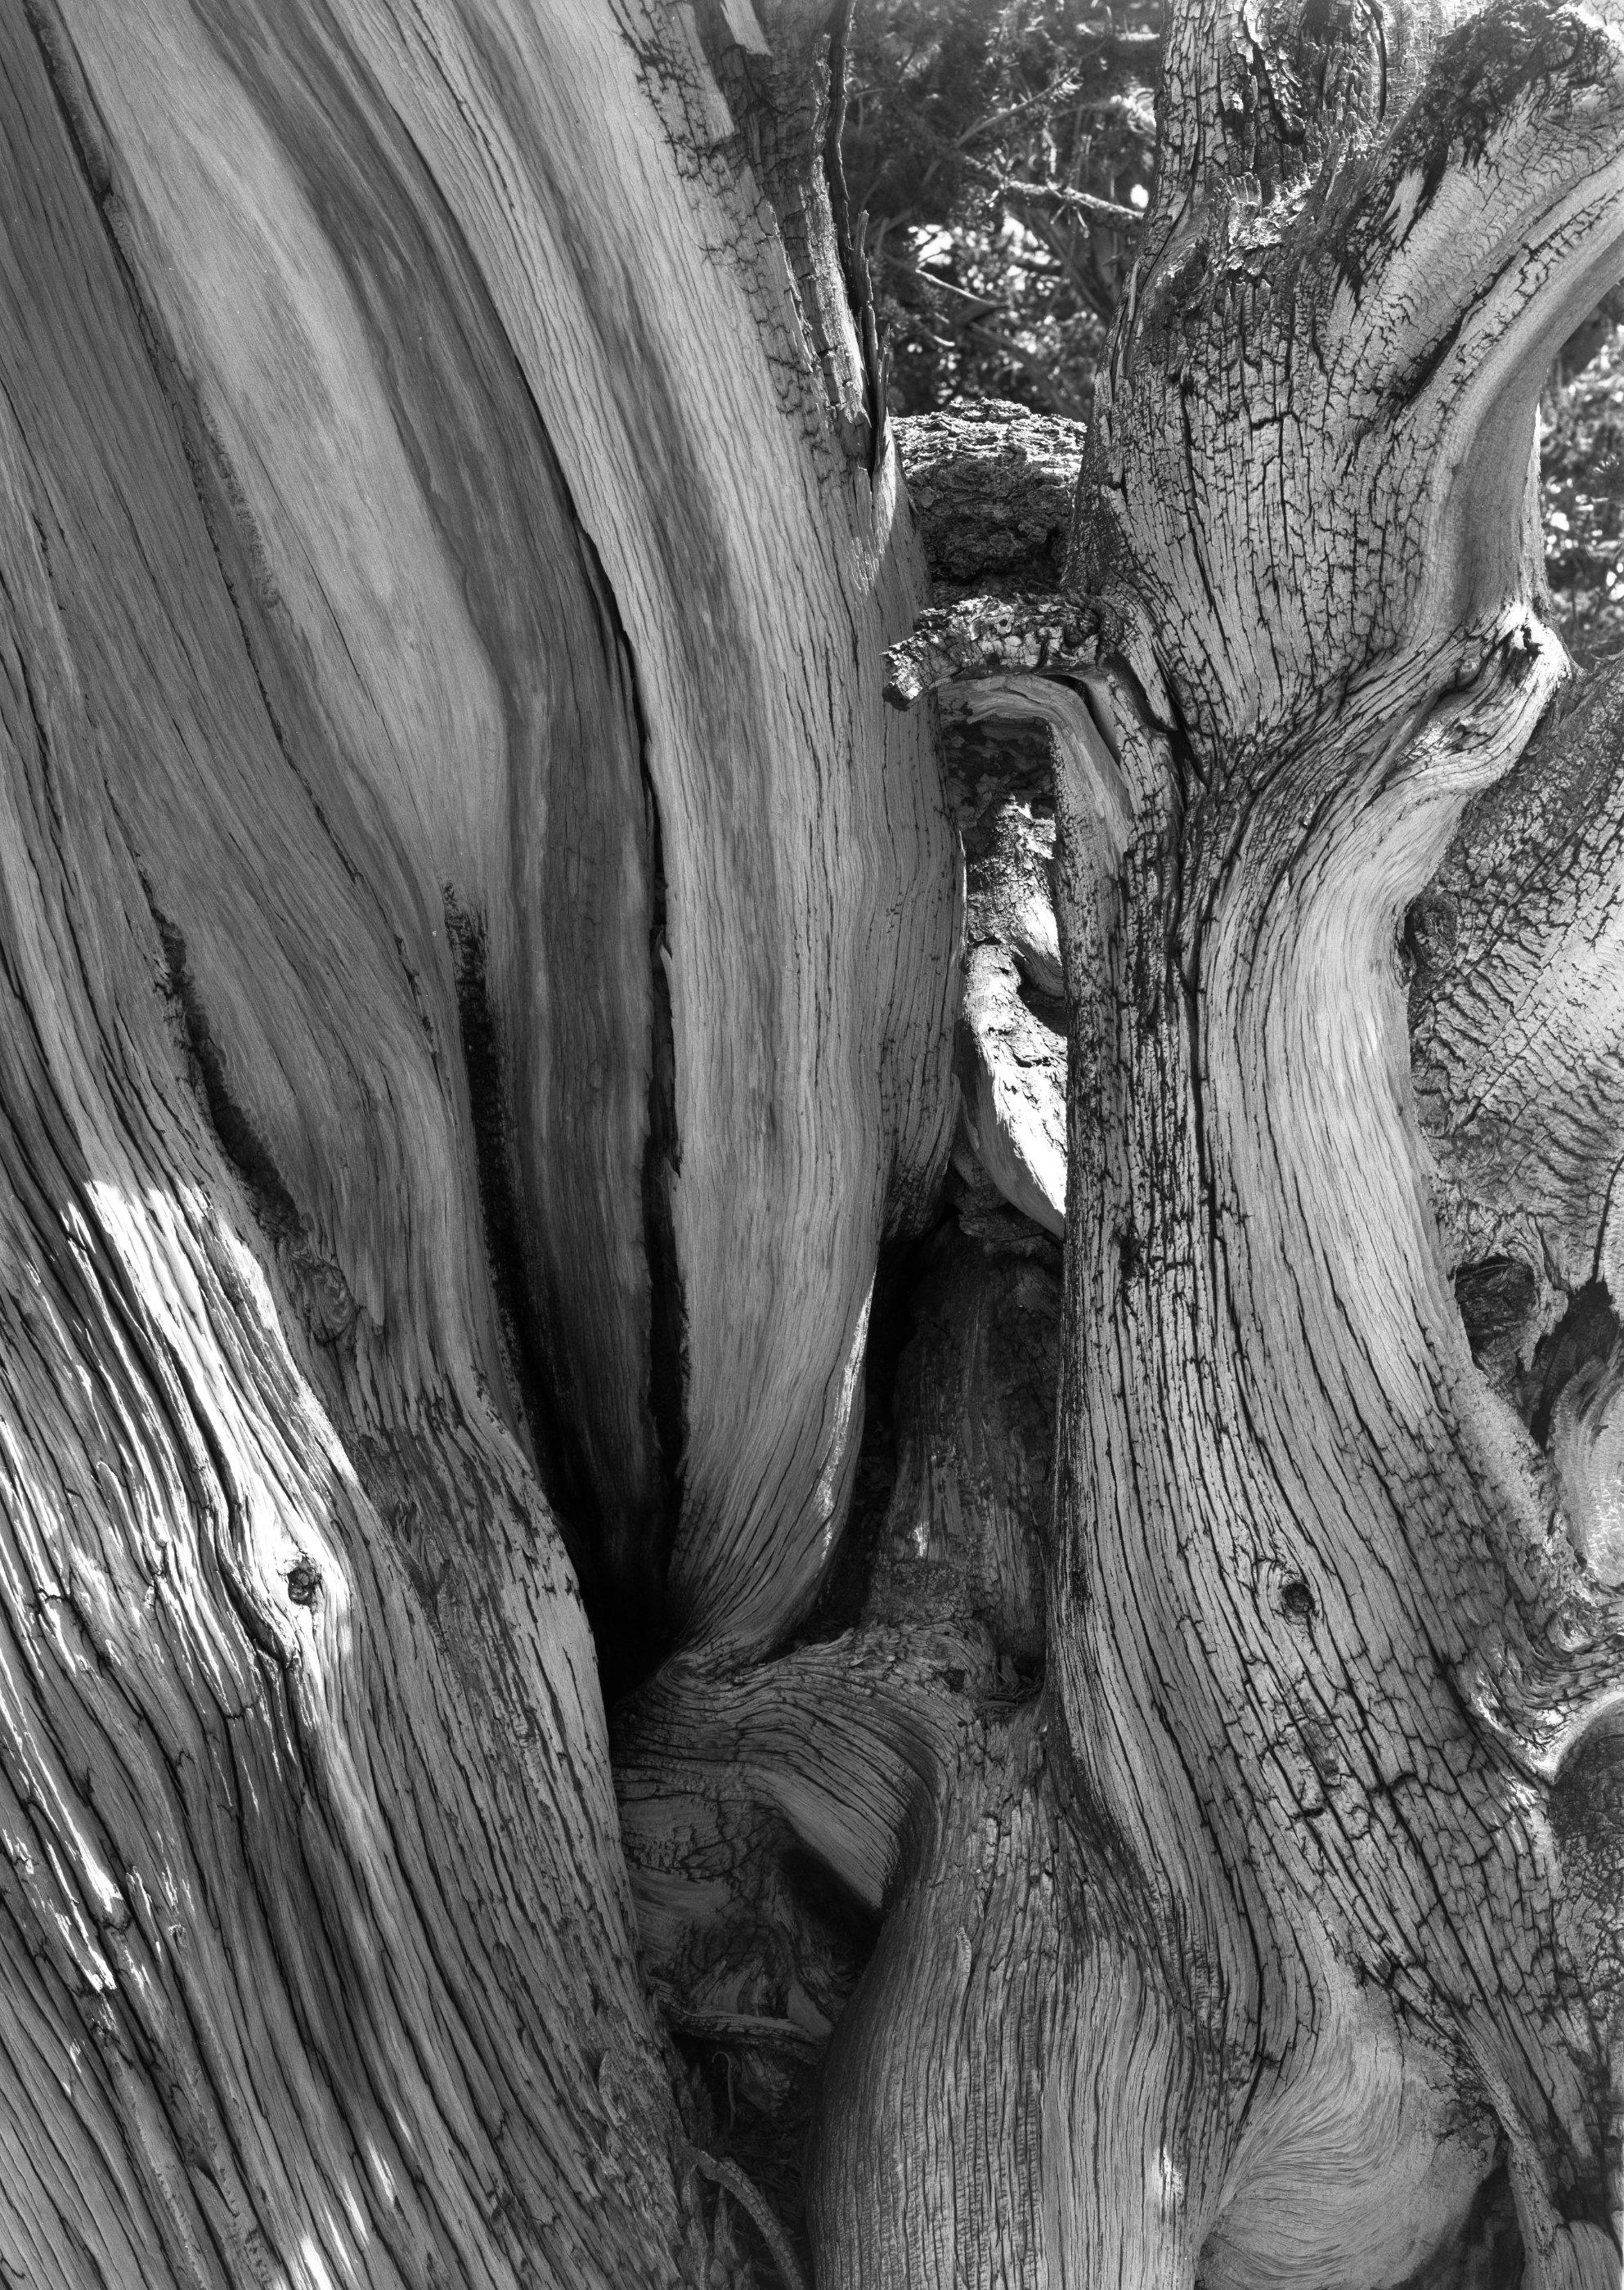 204_Bristlecone_Pine.jpg